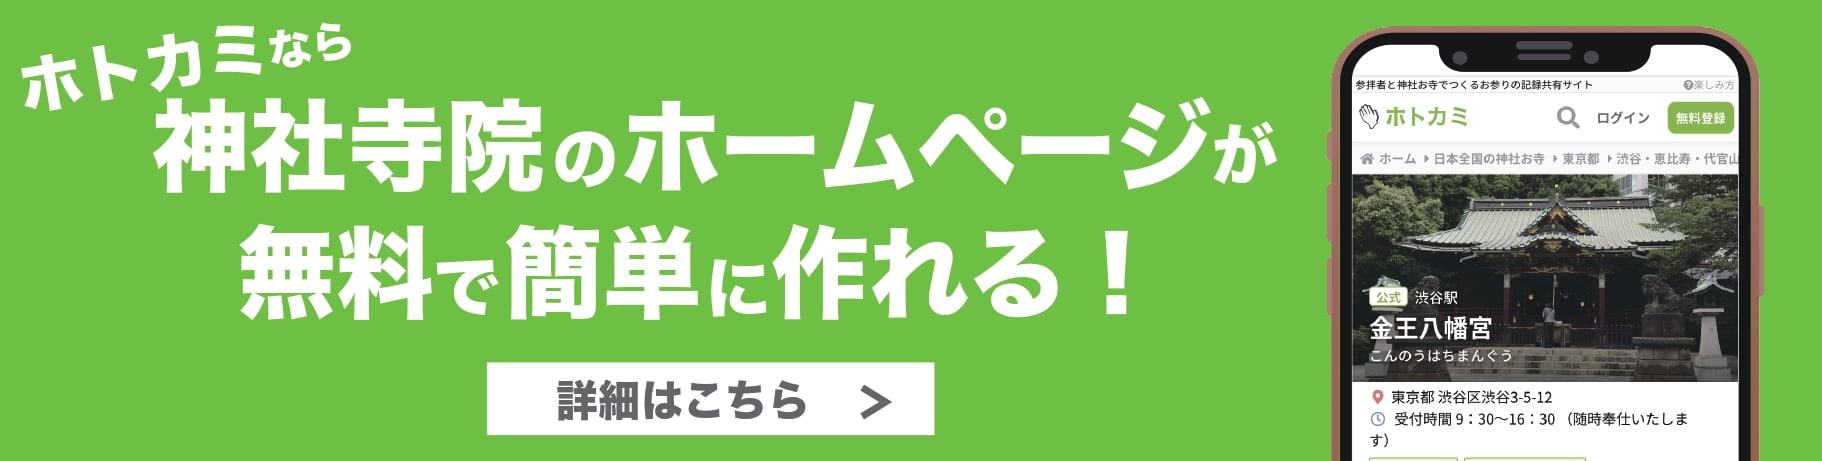 神社寺院のホームページが無料でかんたんに作れる!